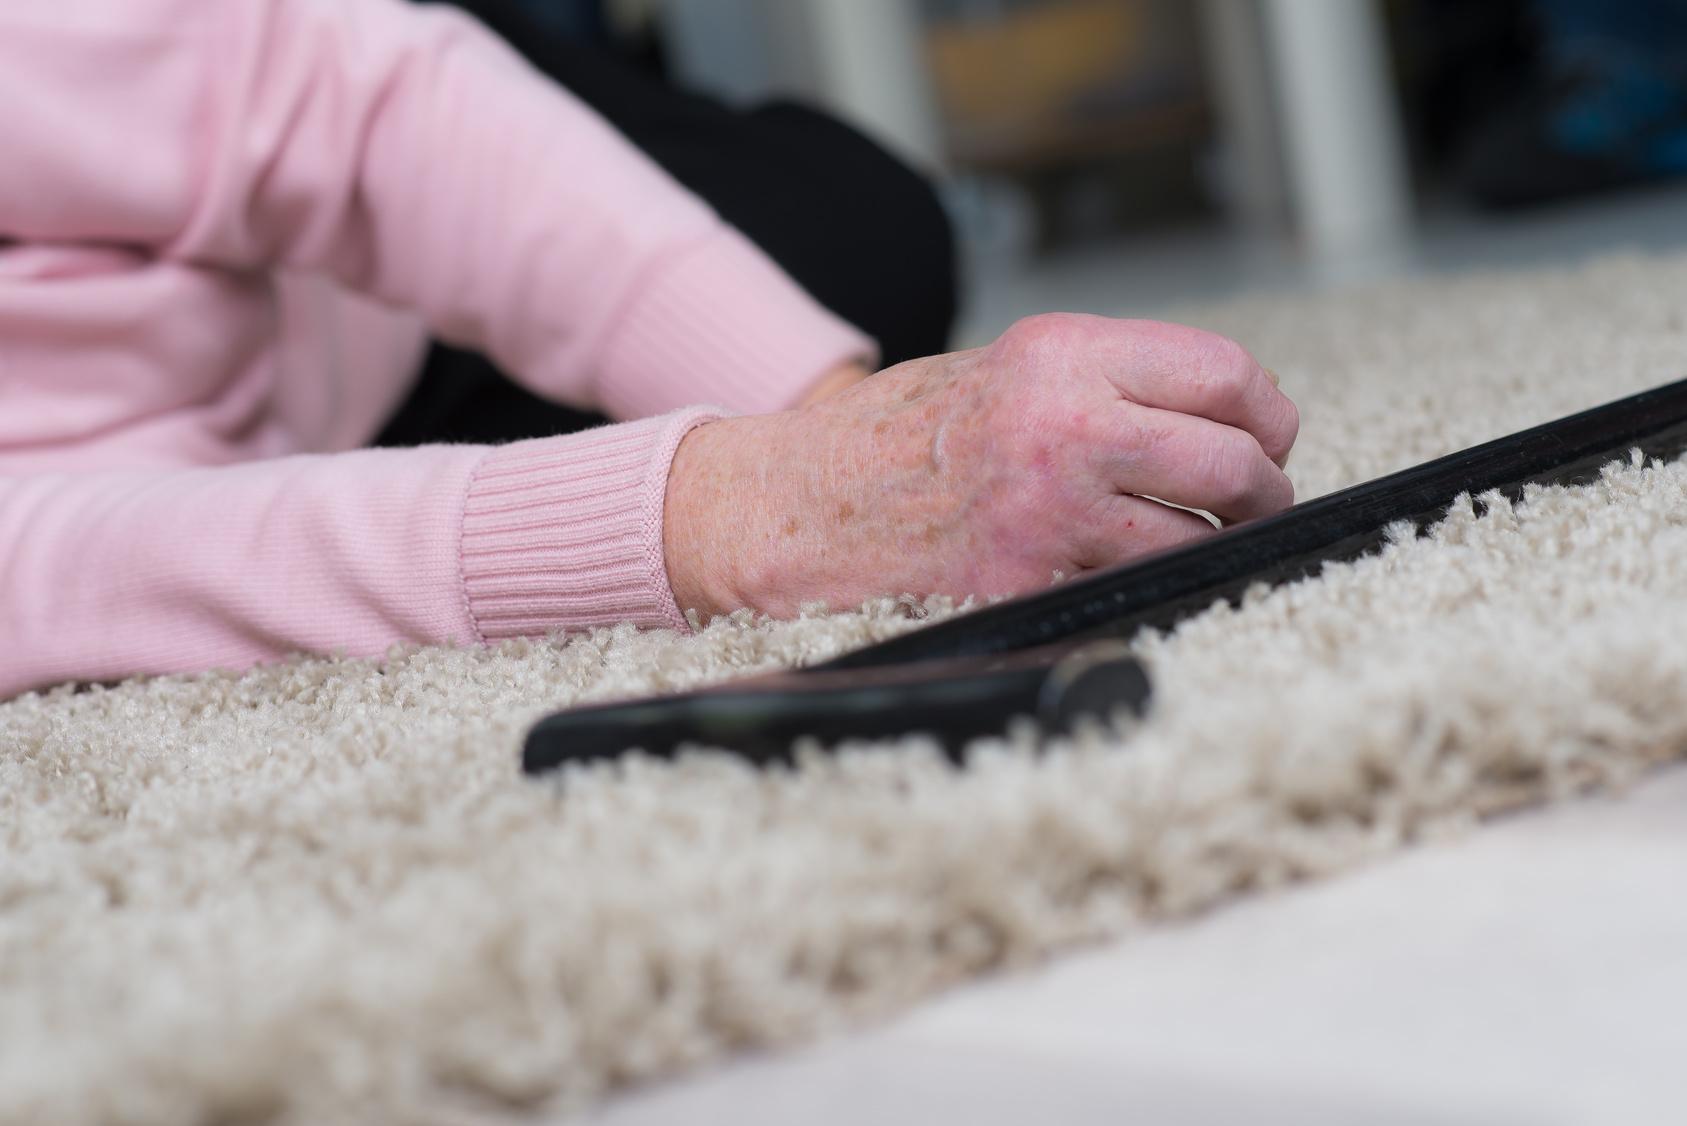 Sturzrisiko Bei älteren Menschen